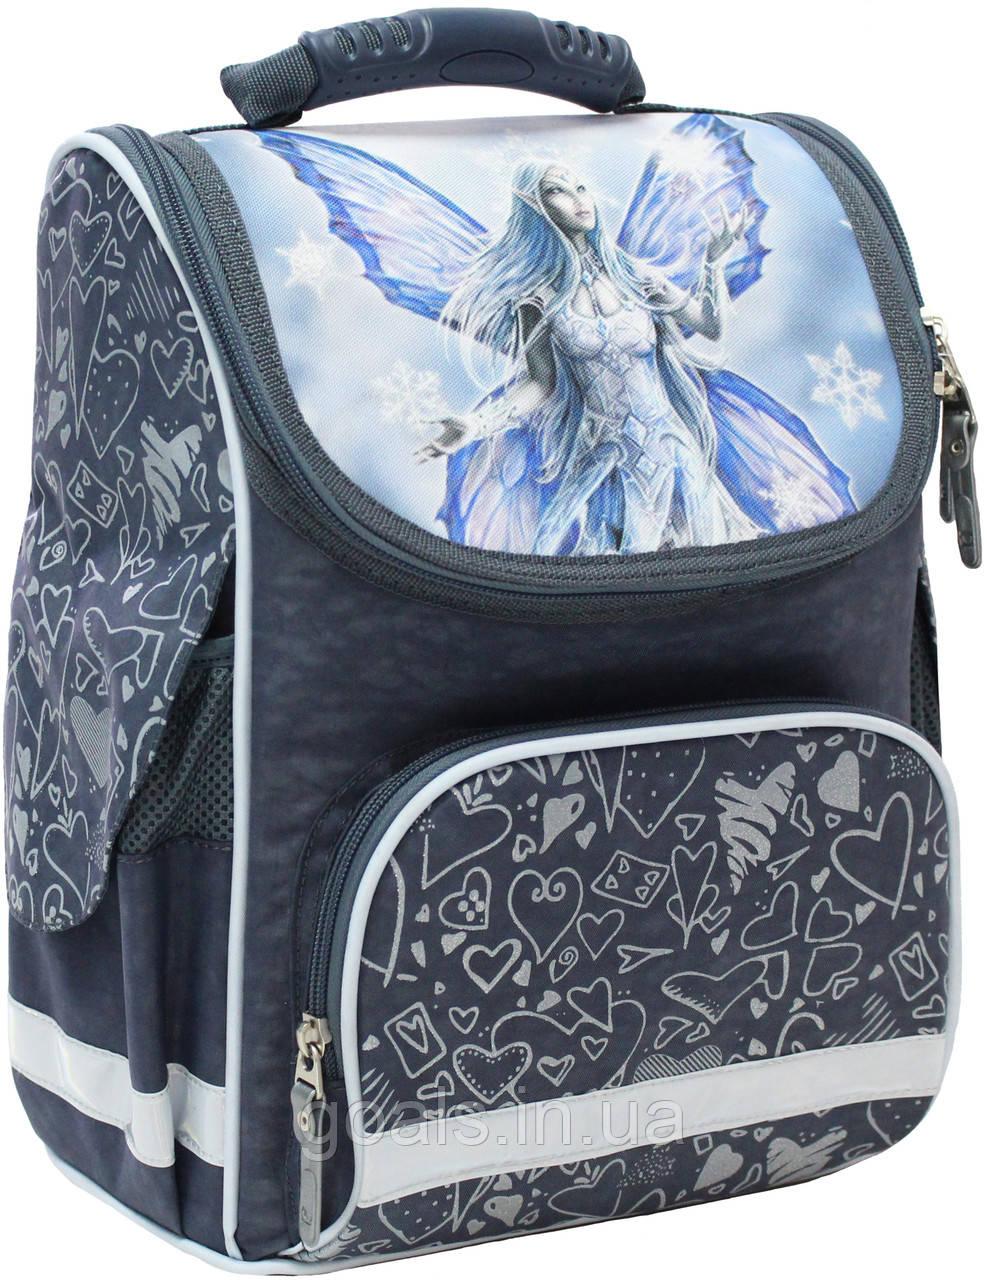 Рюкзак школьный каркасный Bagland Успех 12 л. 321 сірий 94 д (00551702)